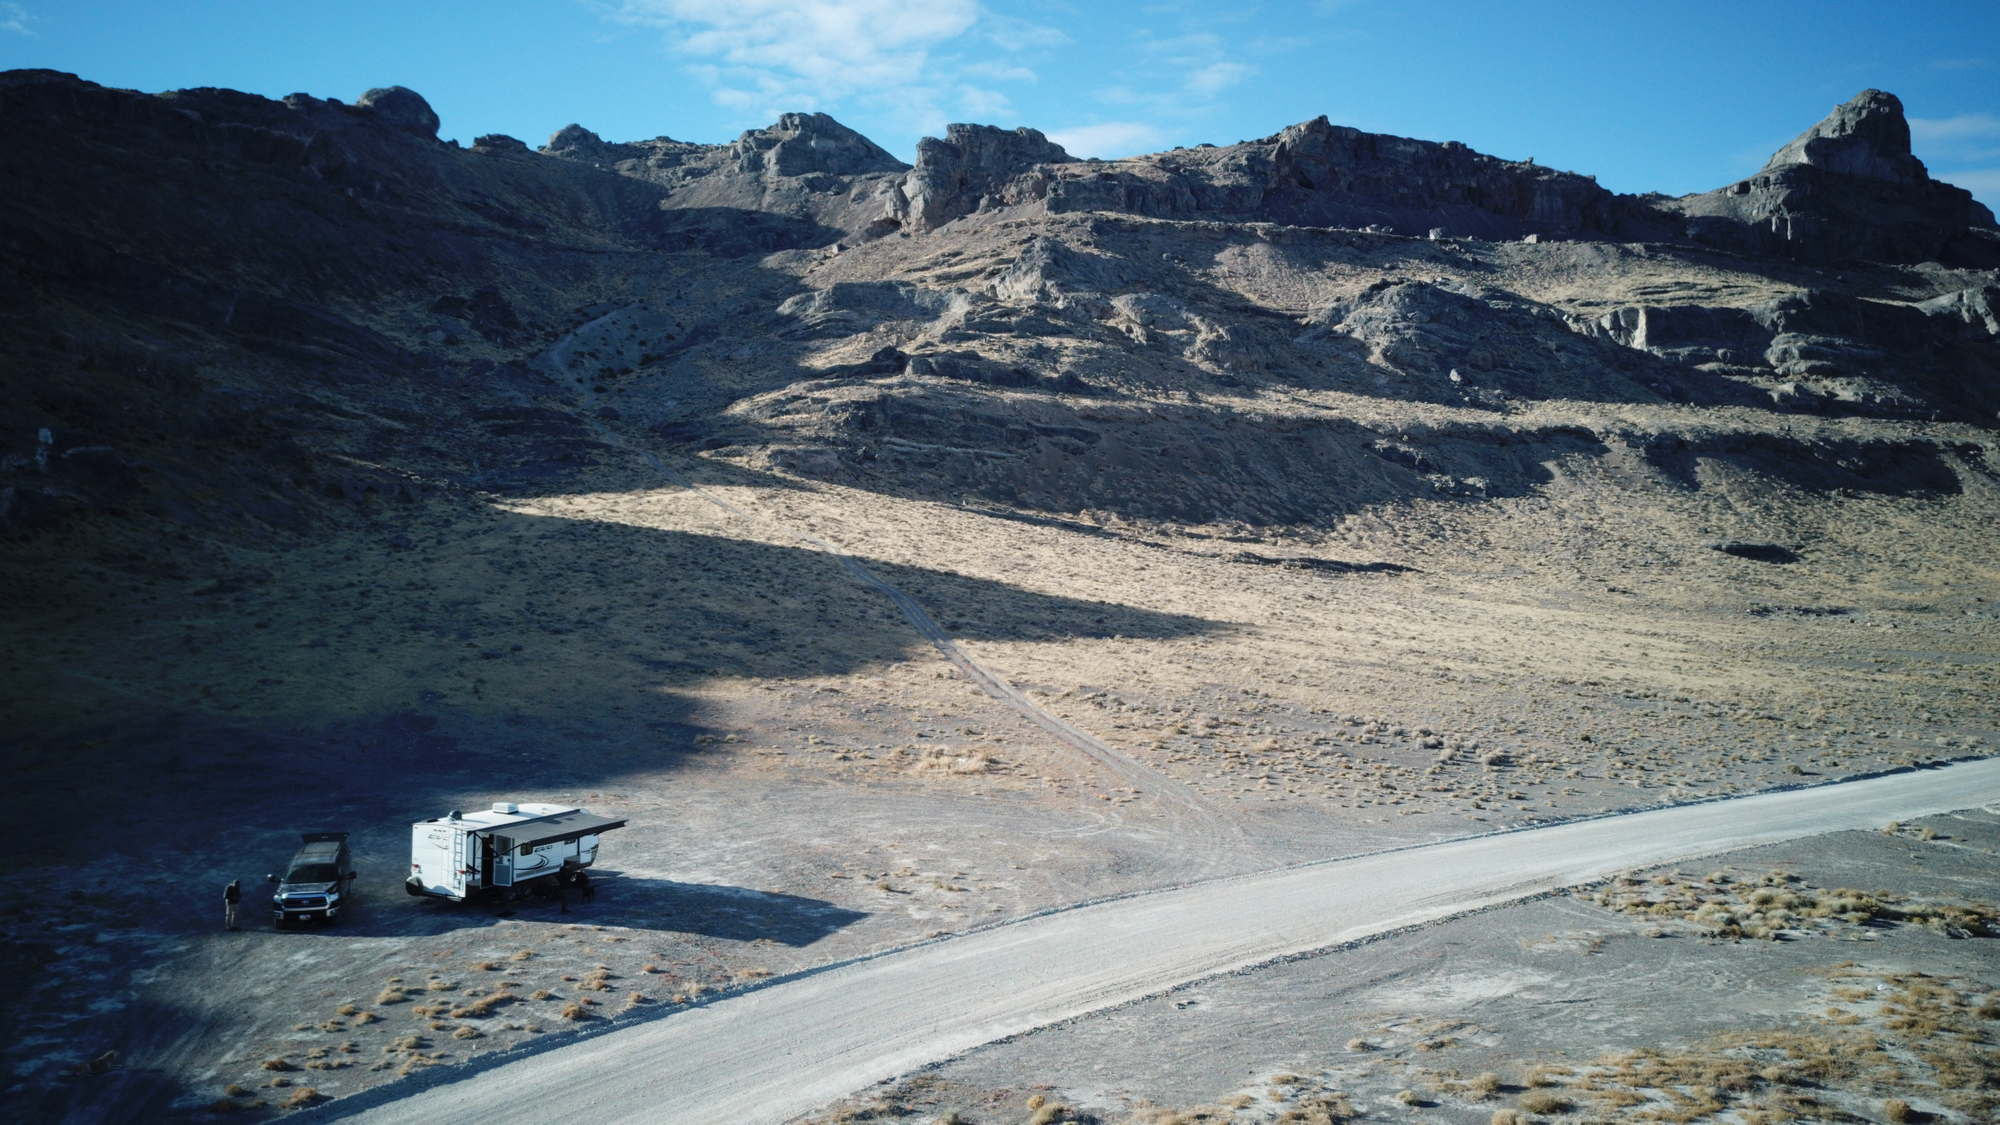 Our camp at Bonneville Salt Flats